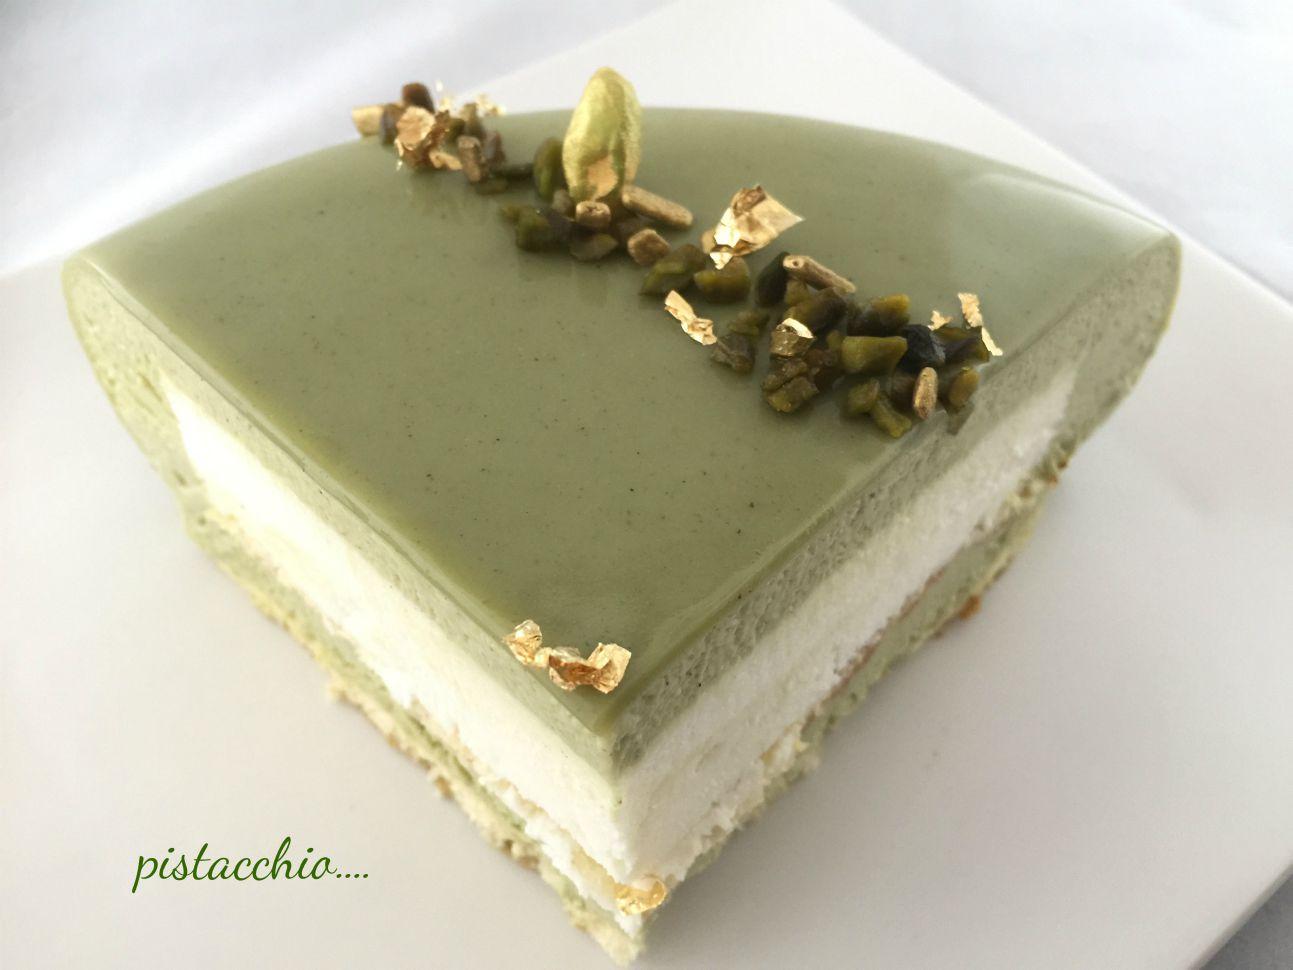 Pistacchio di maurizio santin i dolci di pinella - Glassa a specchio su pan di spagna ...